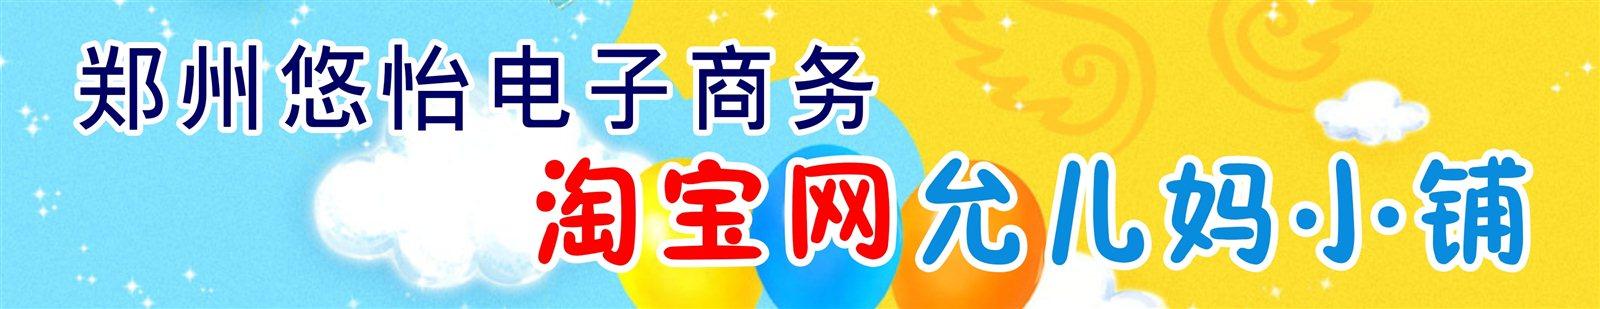 郑州市悠怡电子商务有限公司